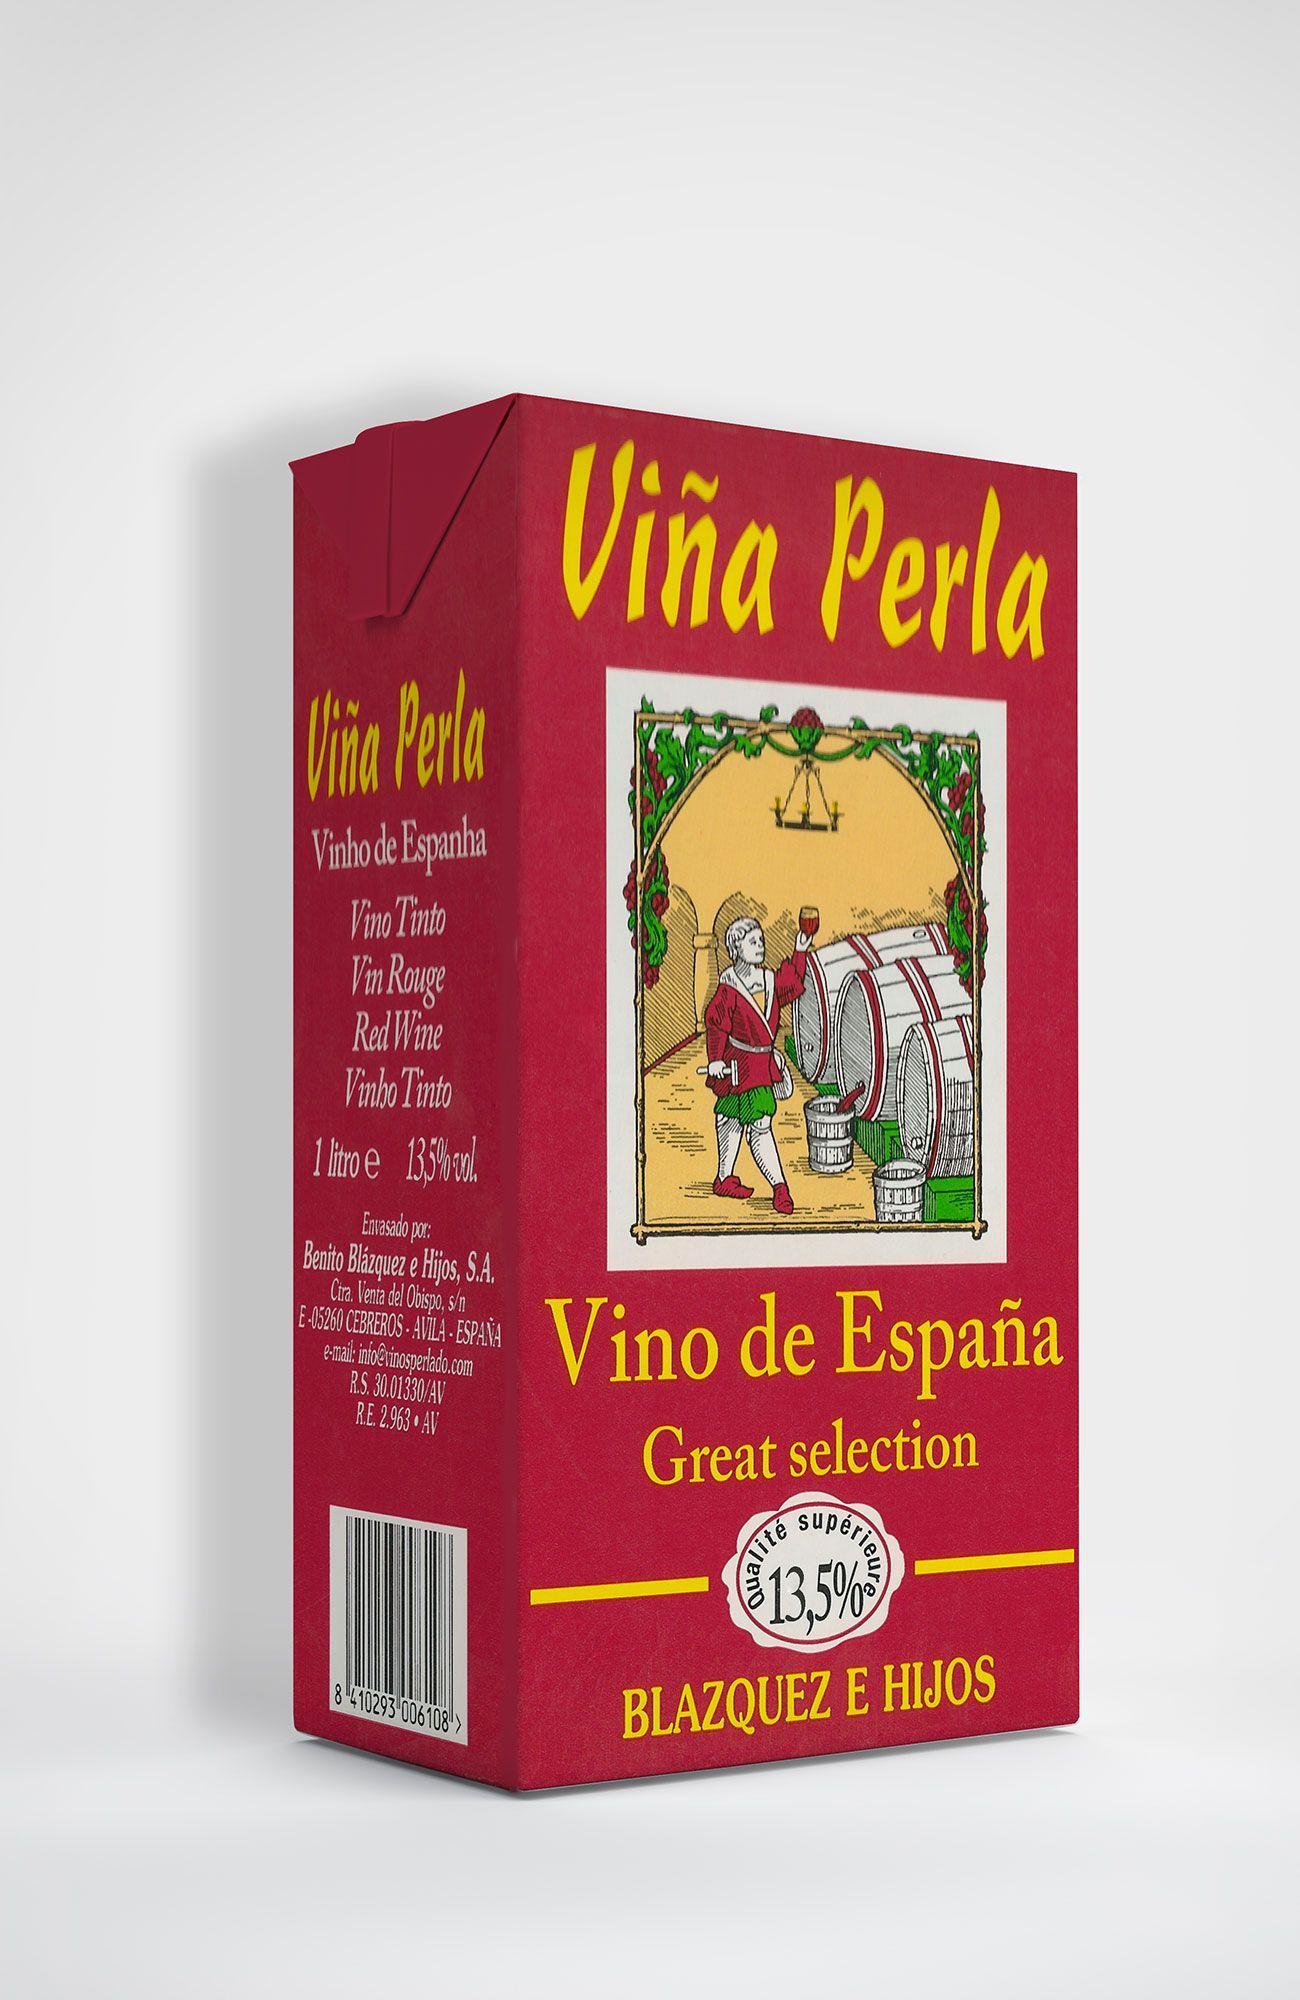 Benito Blázquez - Brik de Vino Tinto Viña Perla